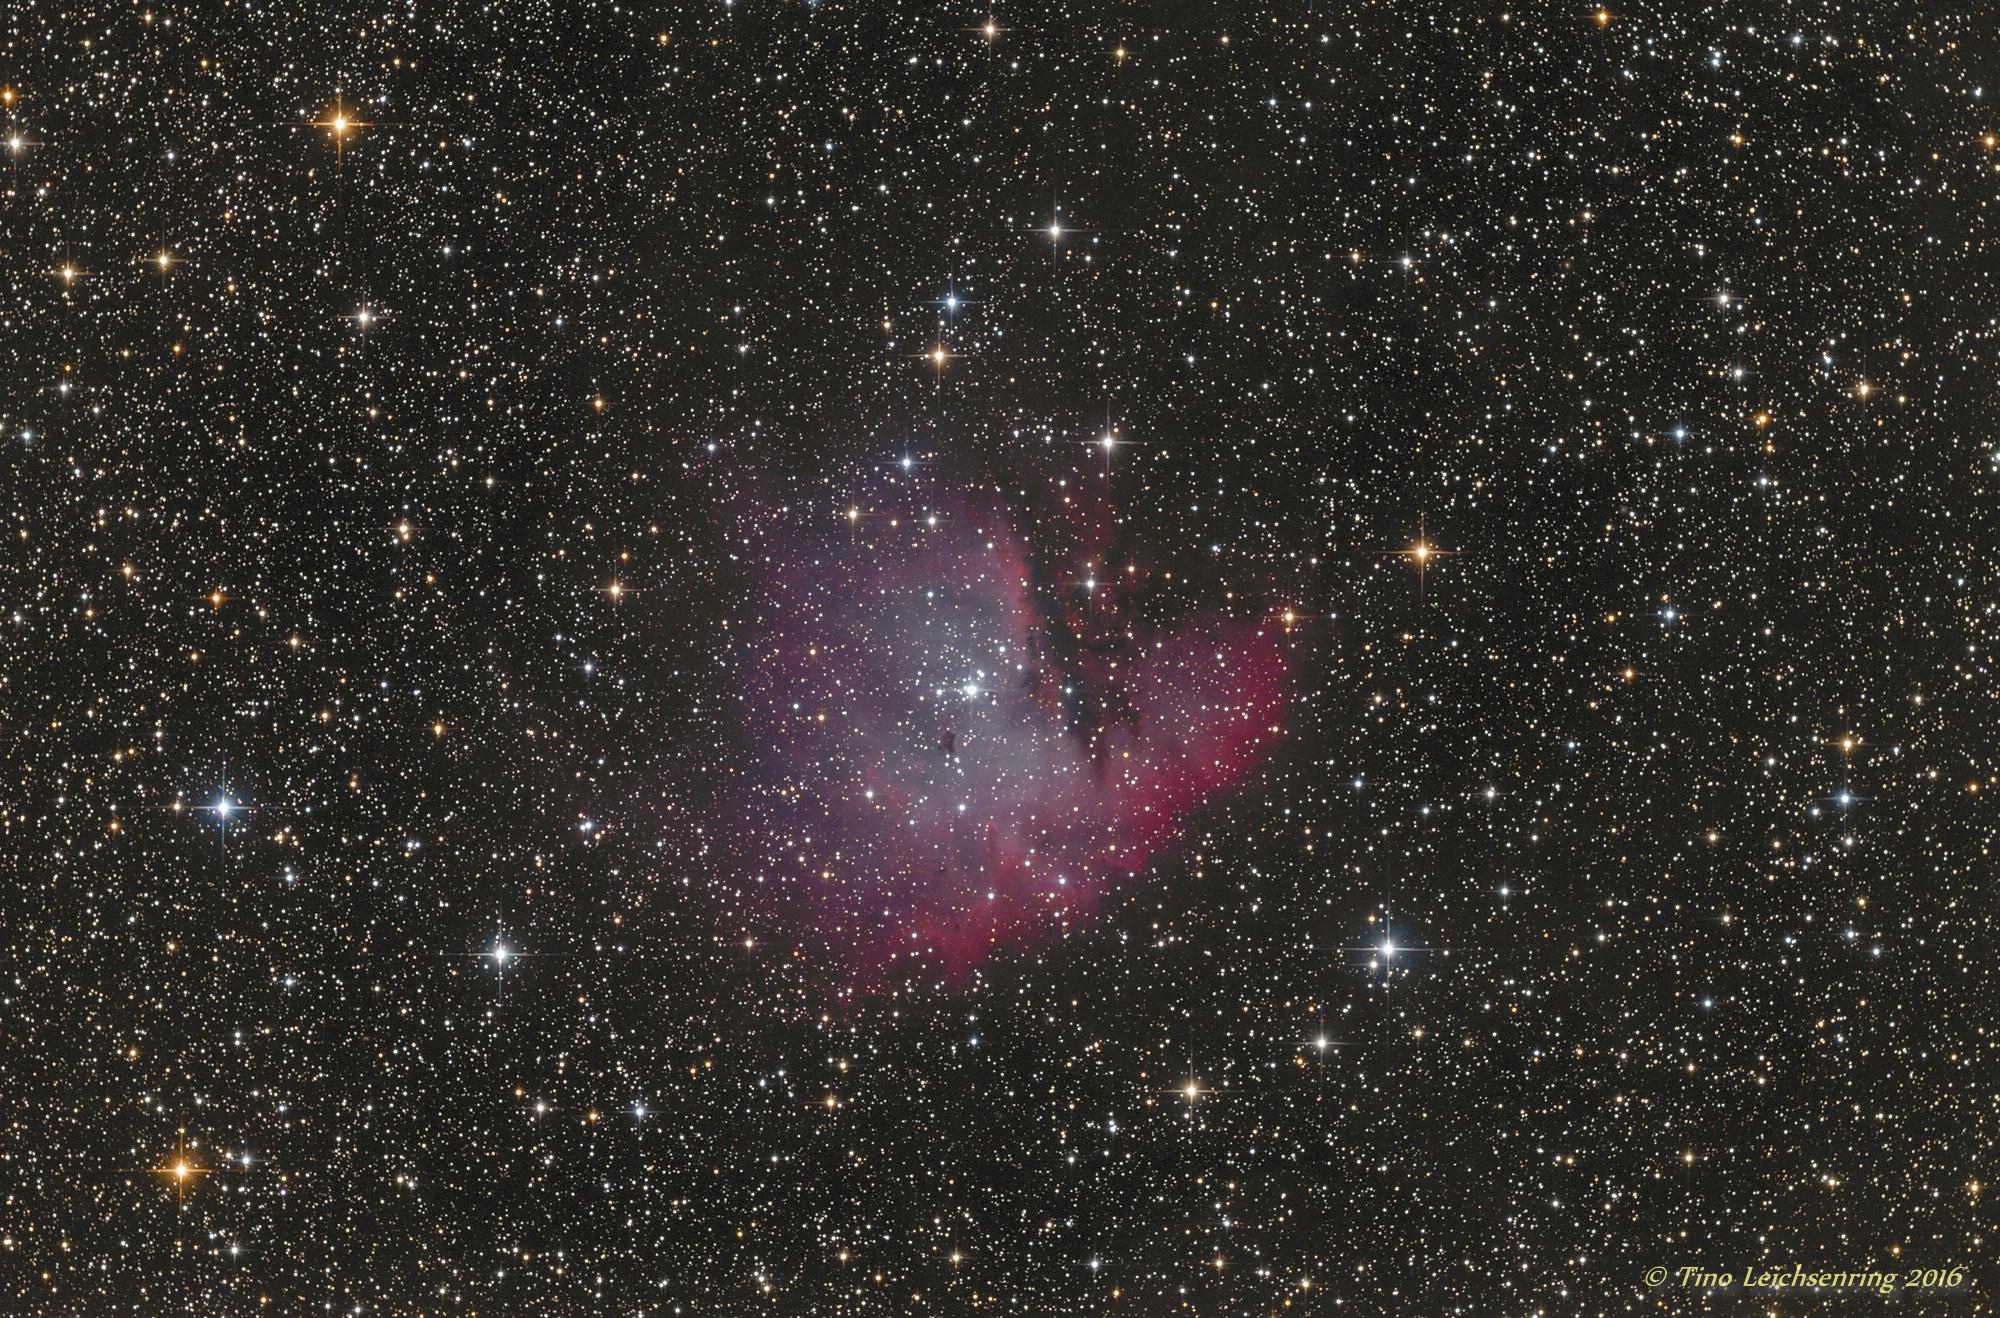 NGC 281_17.HTT_02. und 03.10.2016_ISO 400_20 Fotos a'15min_Gesamtbelichtung 5h_top_klein